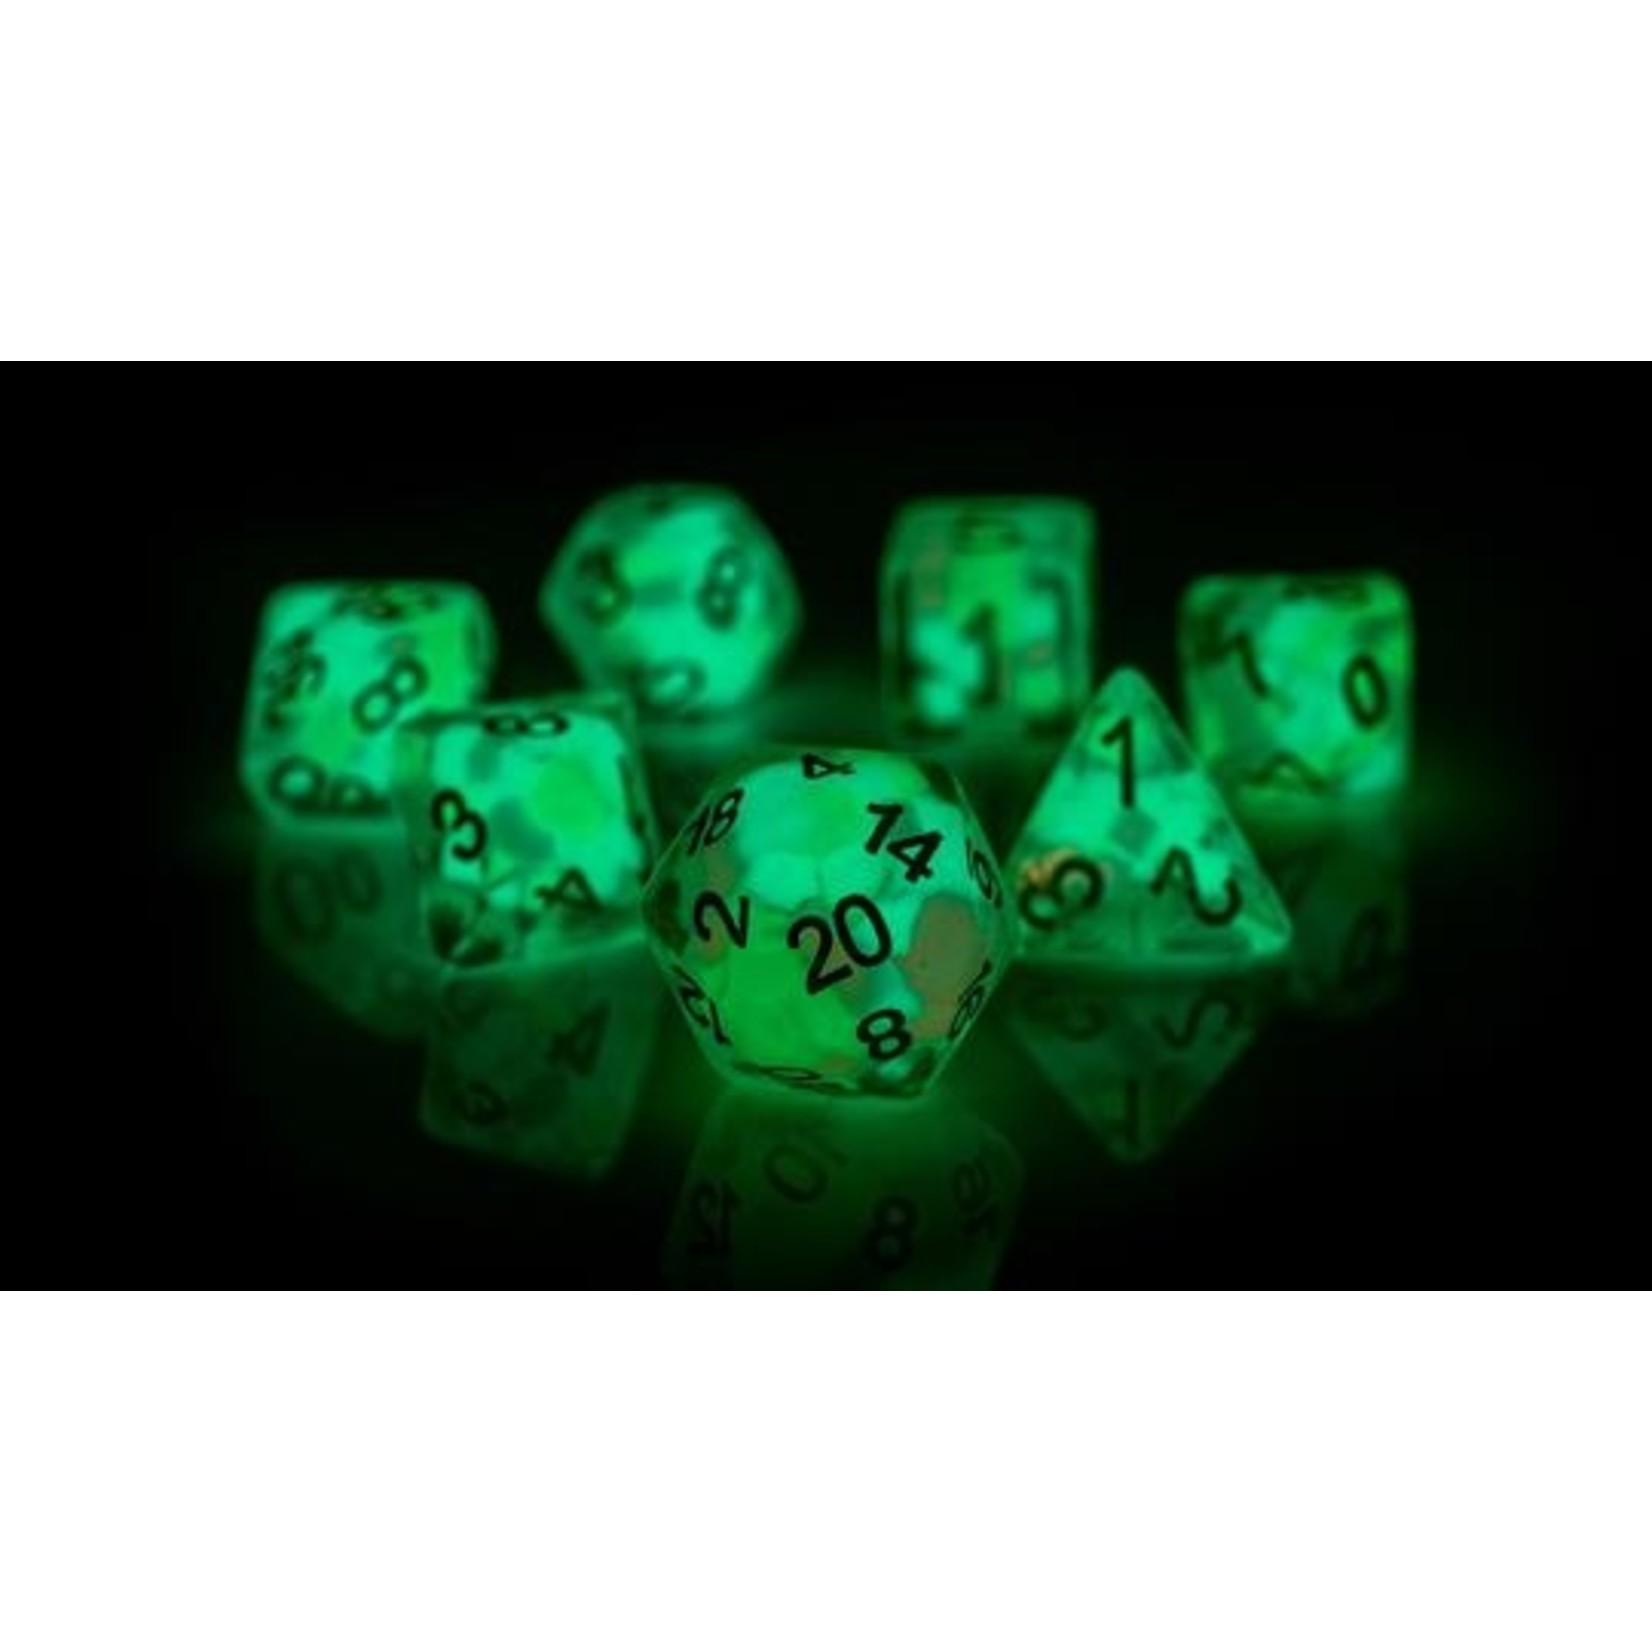 Lucky Charm Glowworm RPG Dice Set (7)